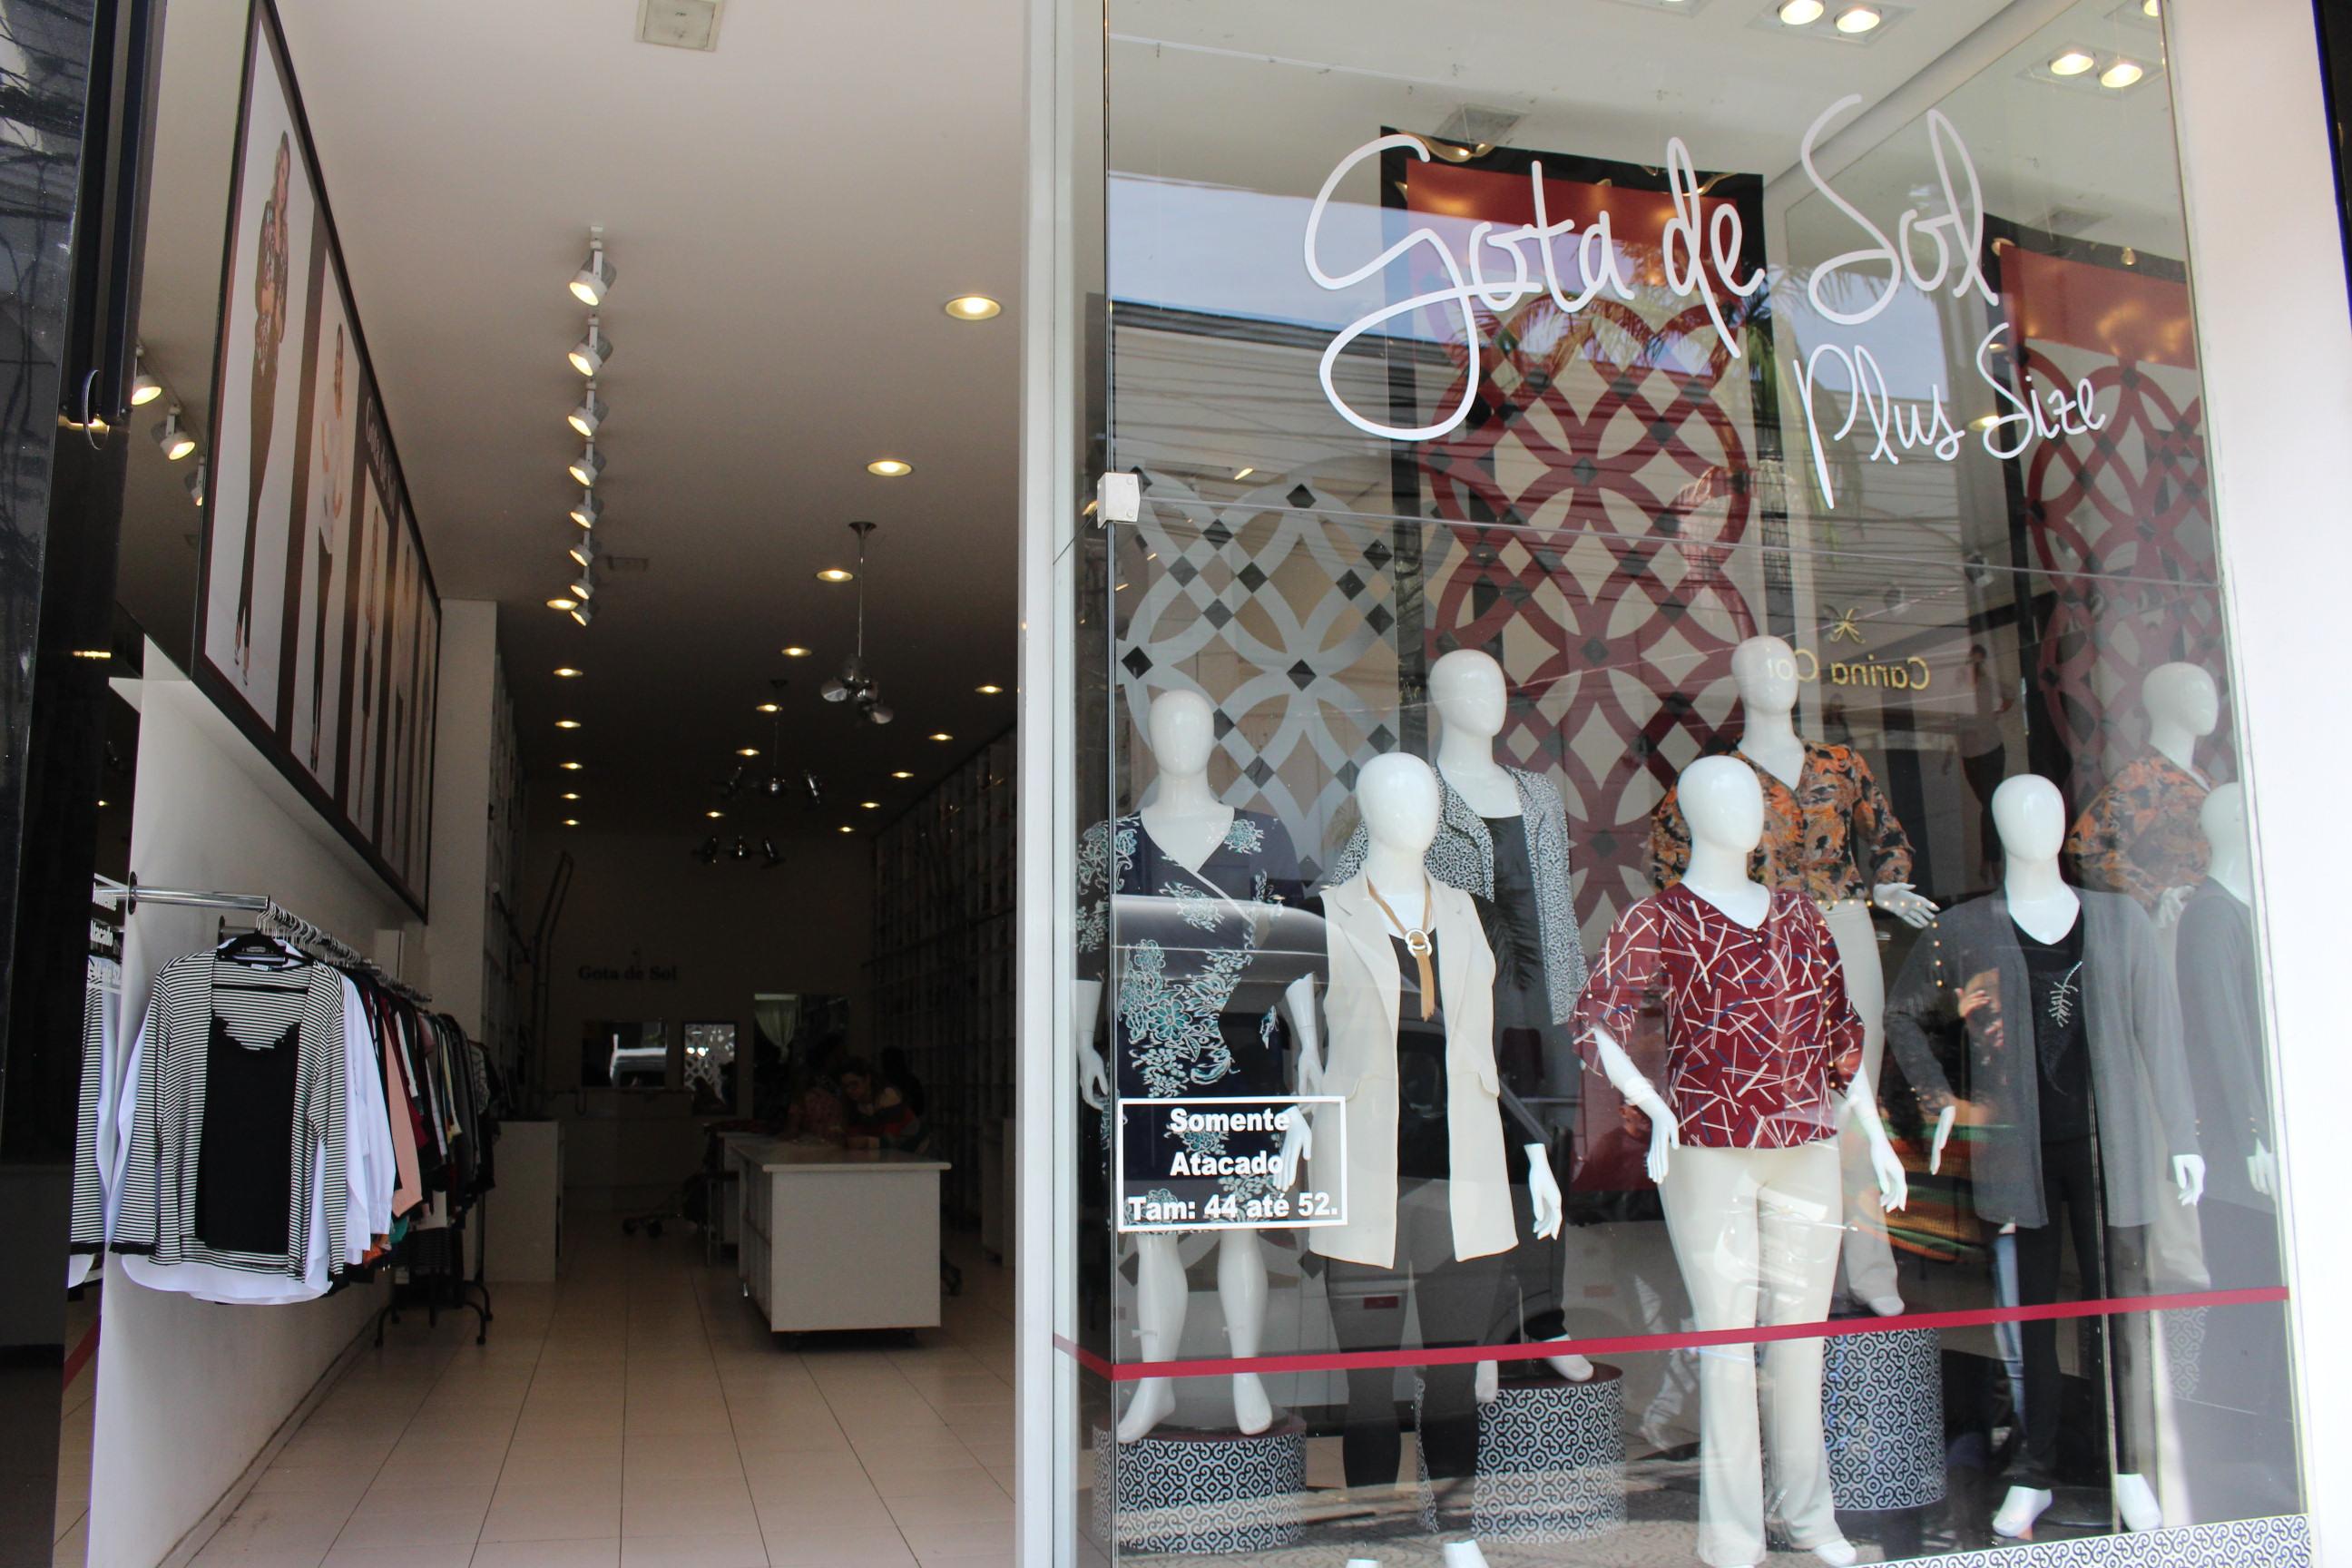 863a7ccb7 Moda Plus Size no Brás - PARA LOJISTAS - Débora Fernandes